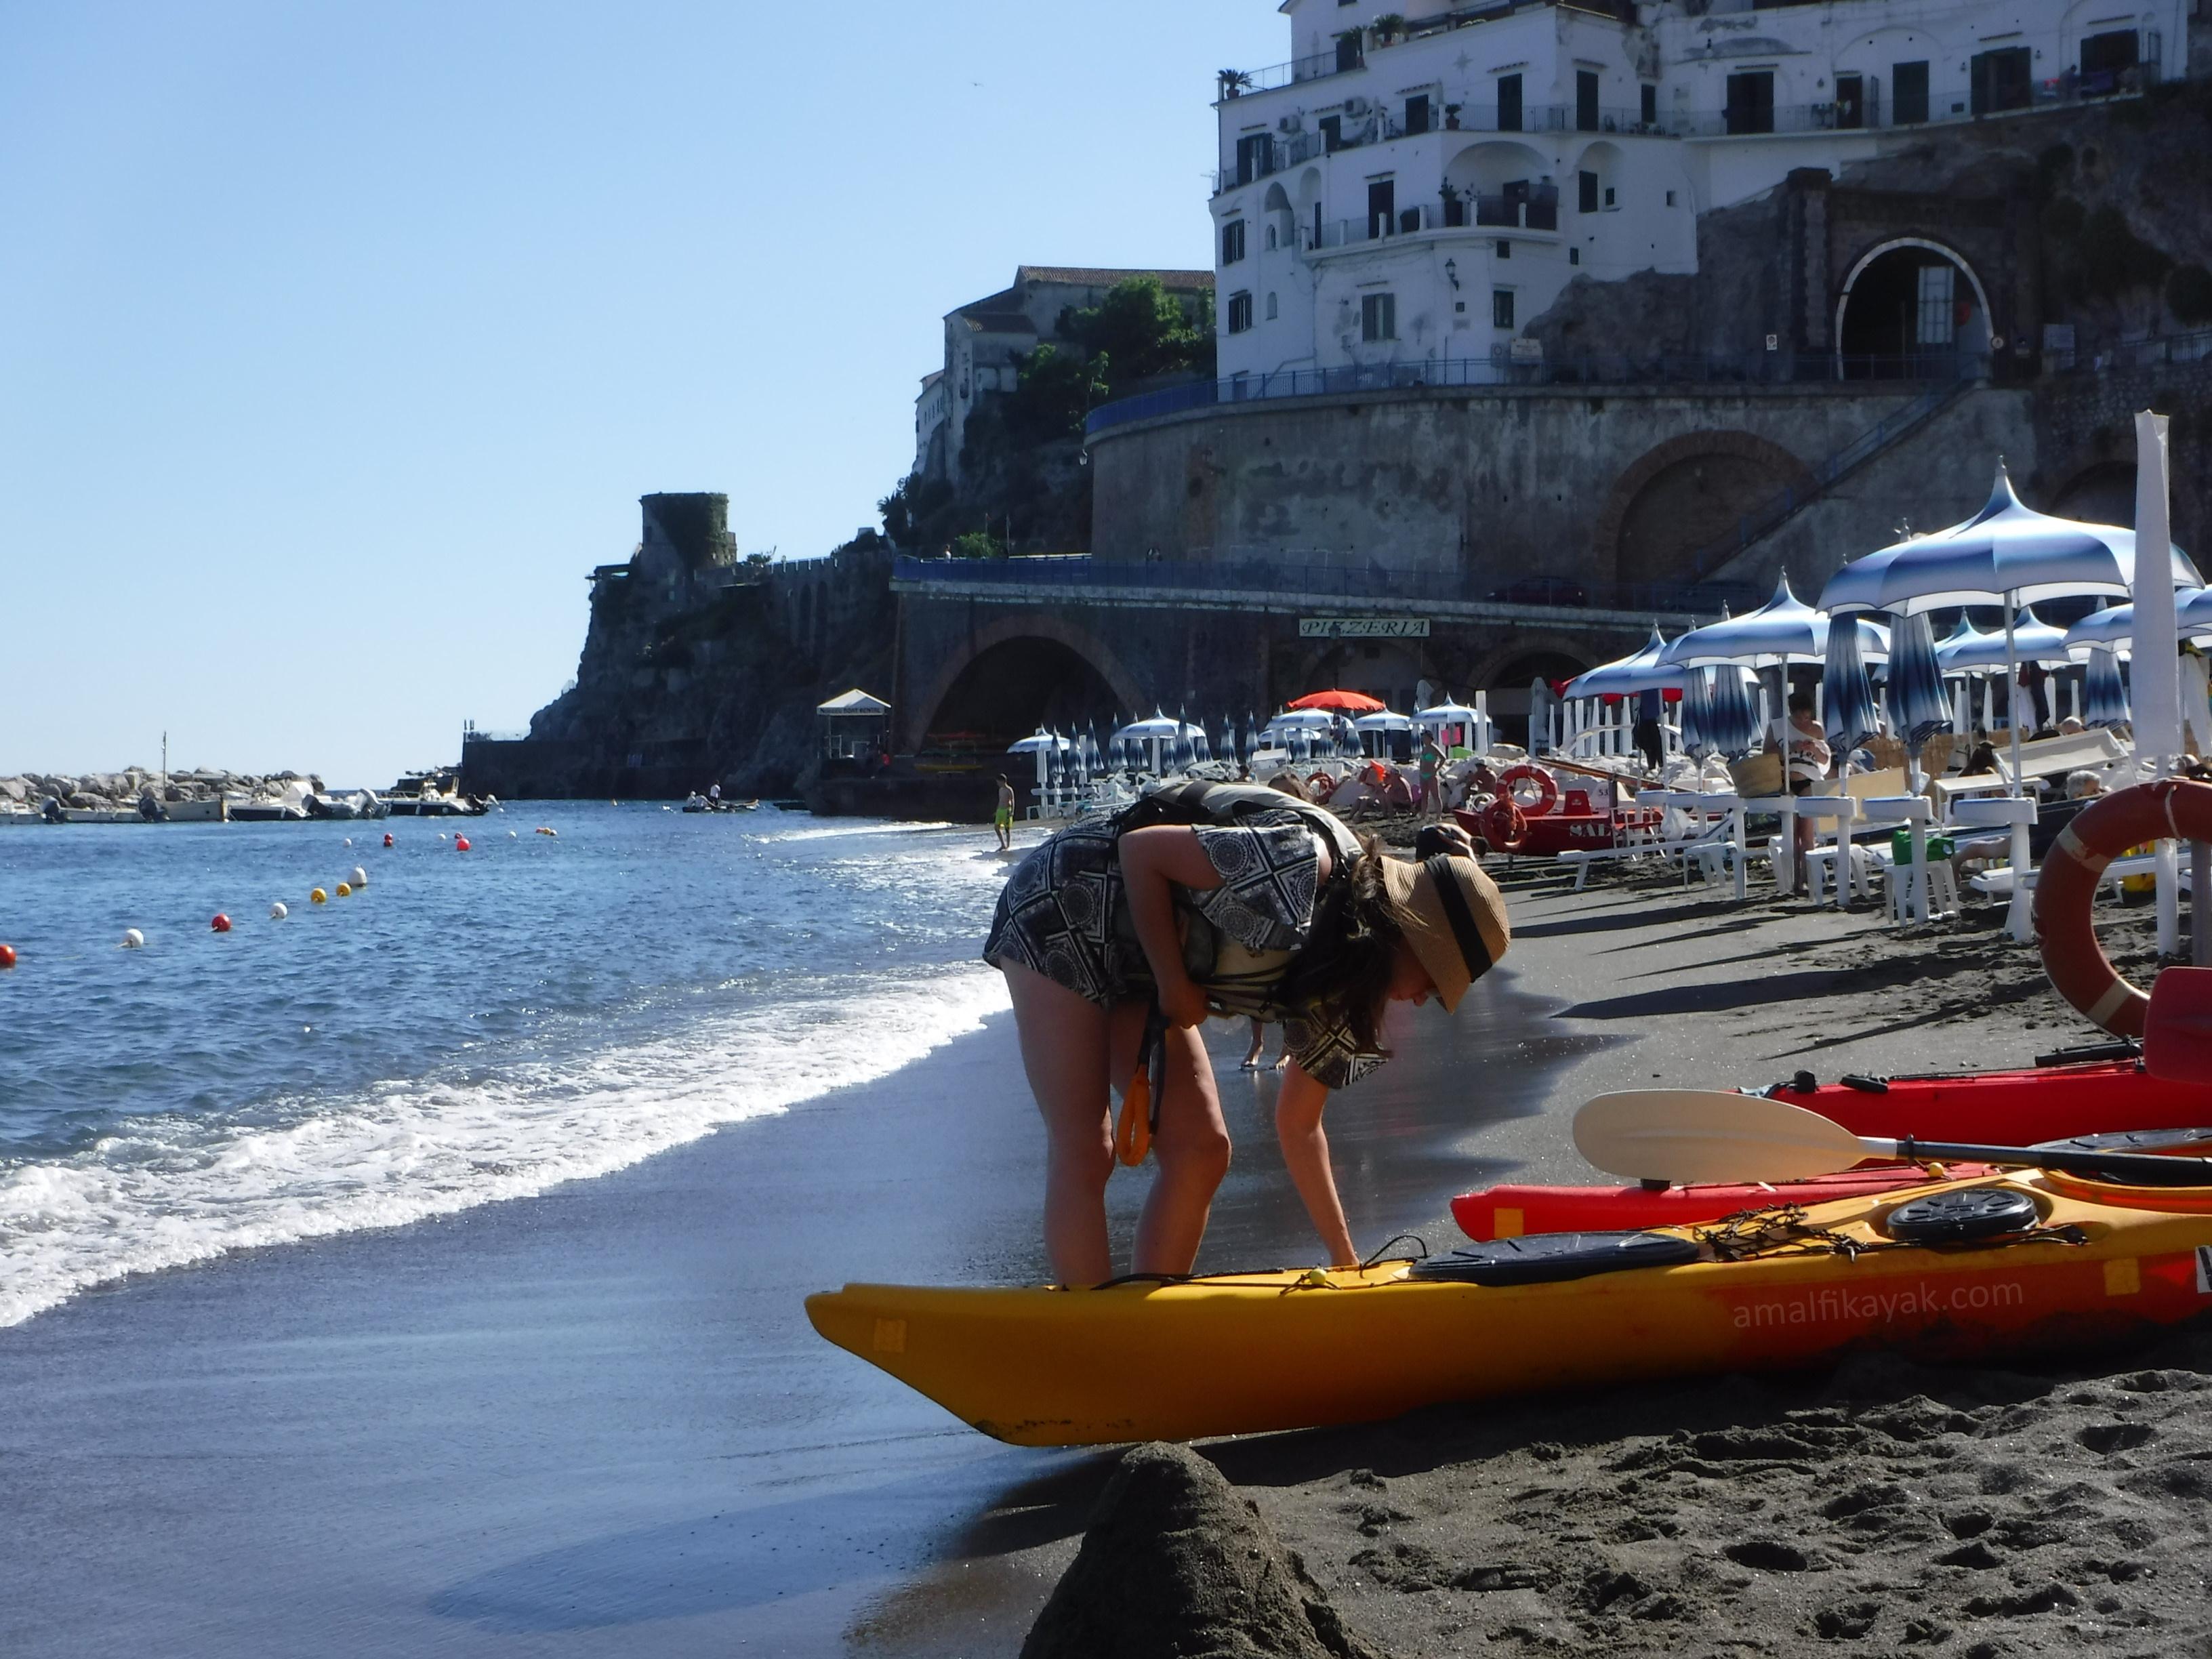 Atrani beach - Amalfi Kayak, Italy